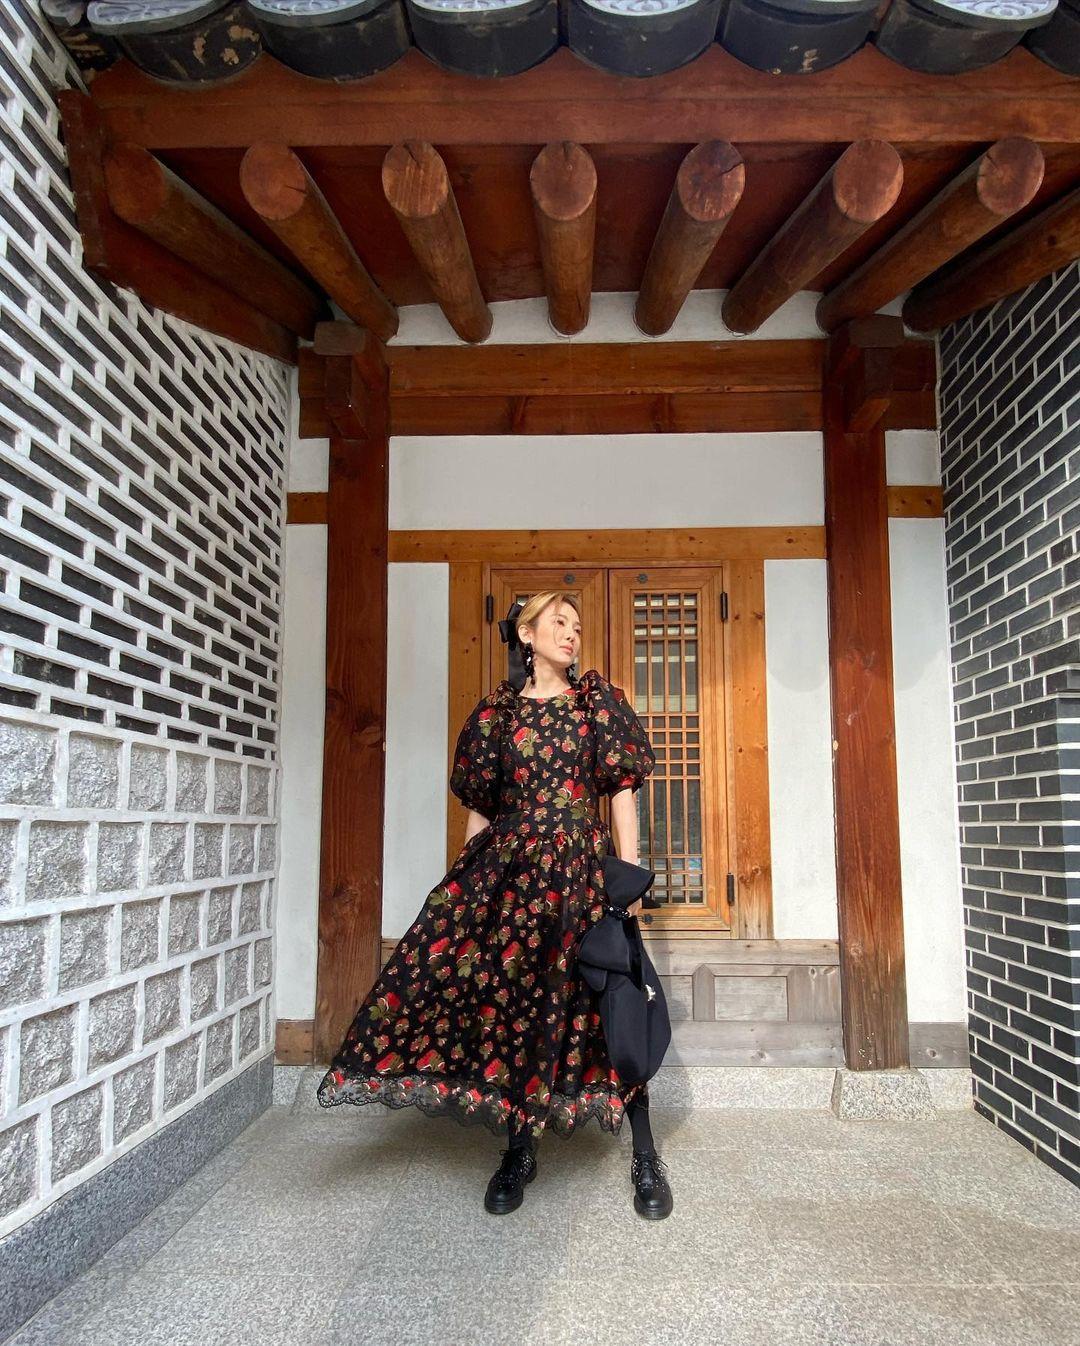 Loạt đồ Zara, H&M sao Hàn vừa diện: Quá nửa có giá dưới 500k, khối chị em sẽ muốn sắm theo ngay - Ảnh 5.